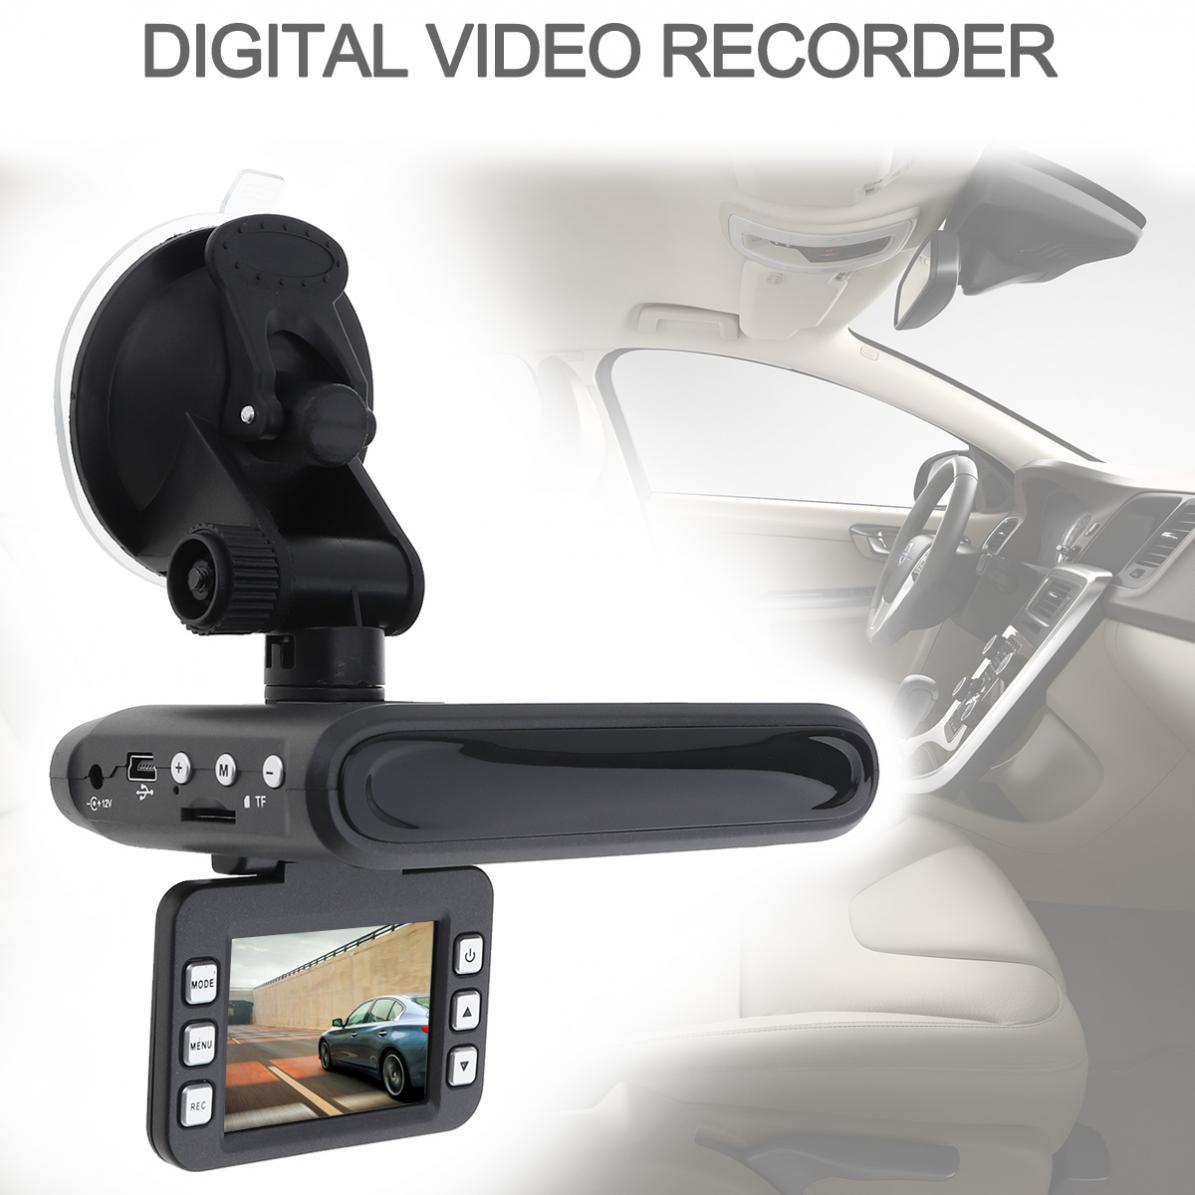 Meilleur 2 en 1 voiture Radar détecteur vitesse voiture DVR HD Dash caméra enregistreur anti radar détecteur caméra avec g-sensor voiture électronique